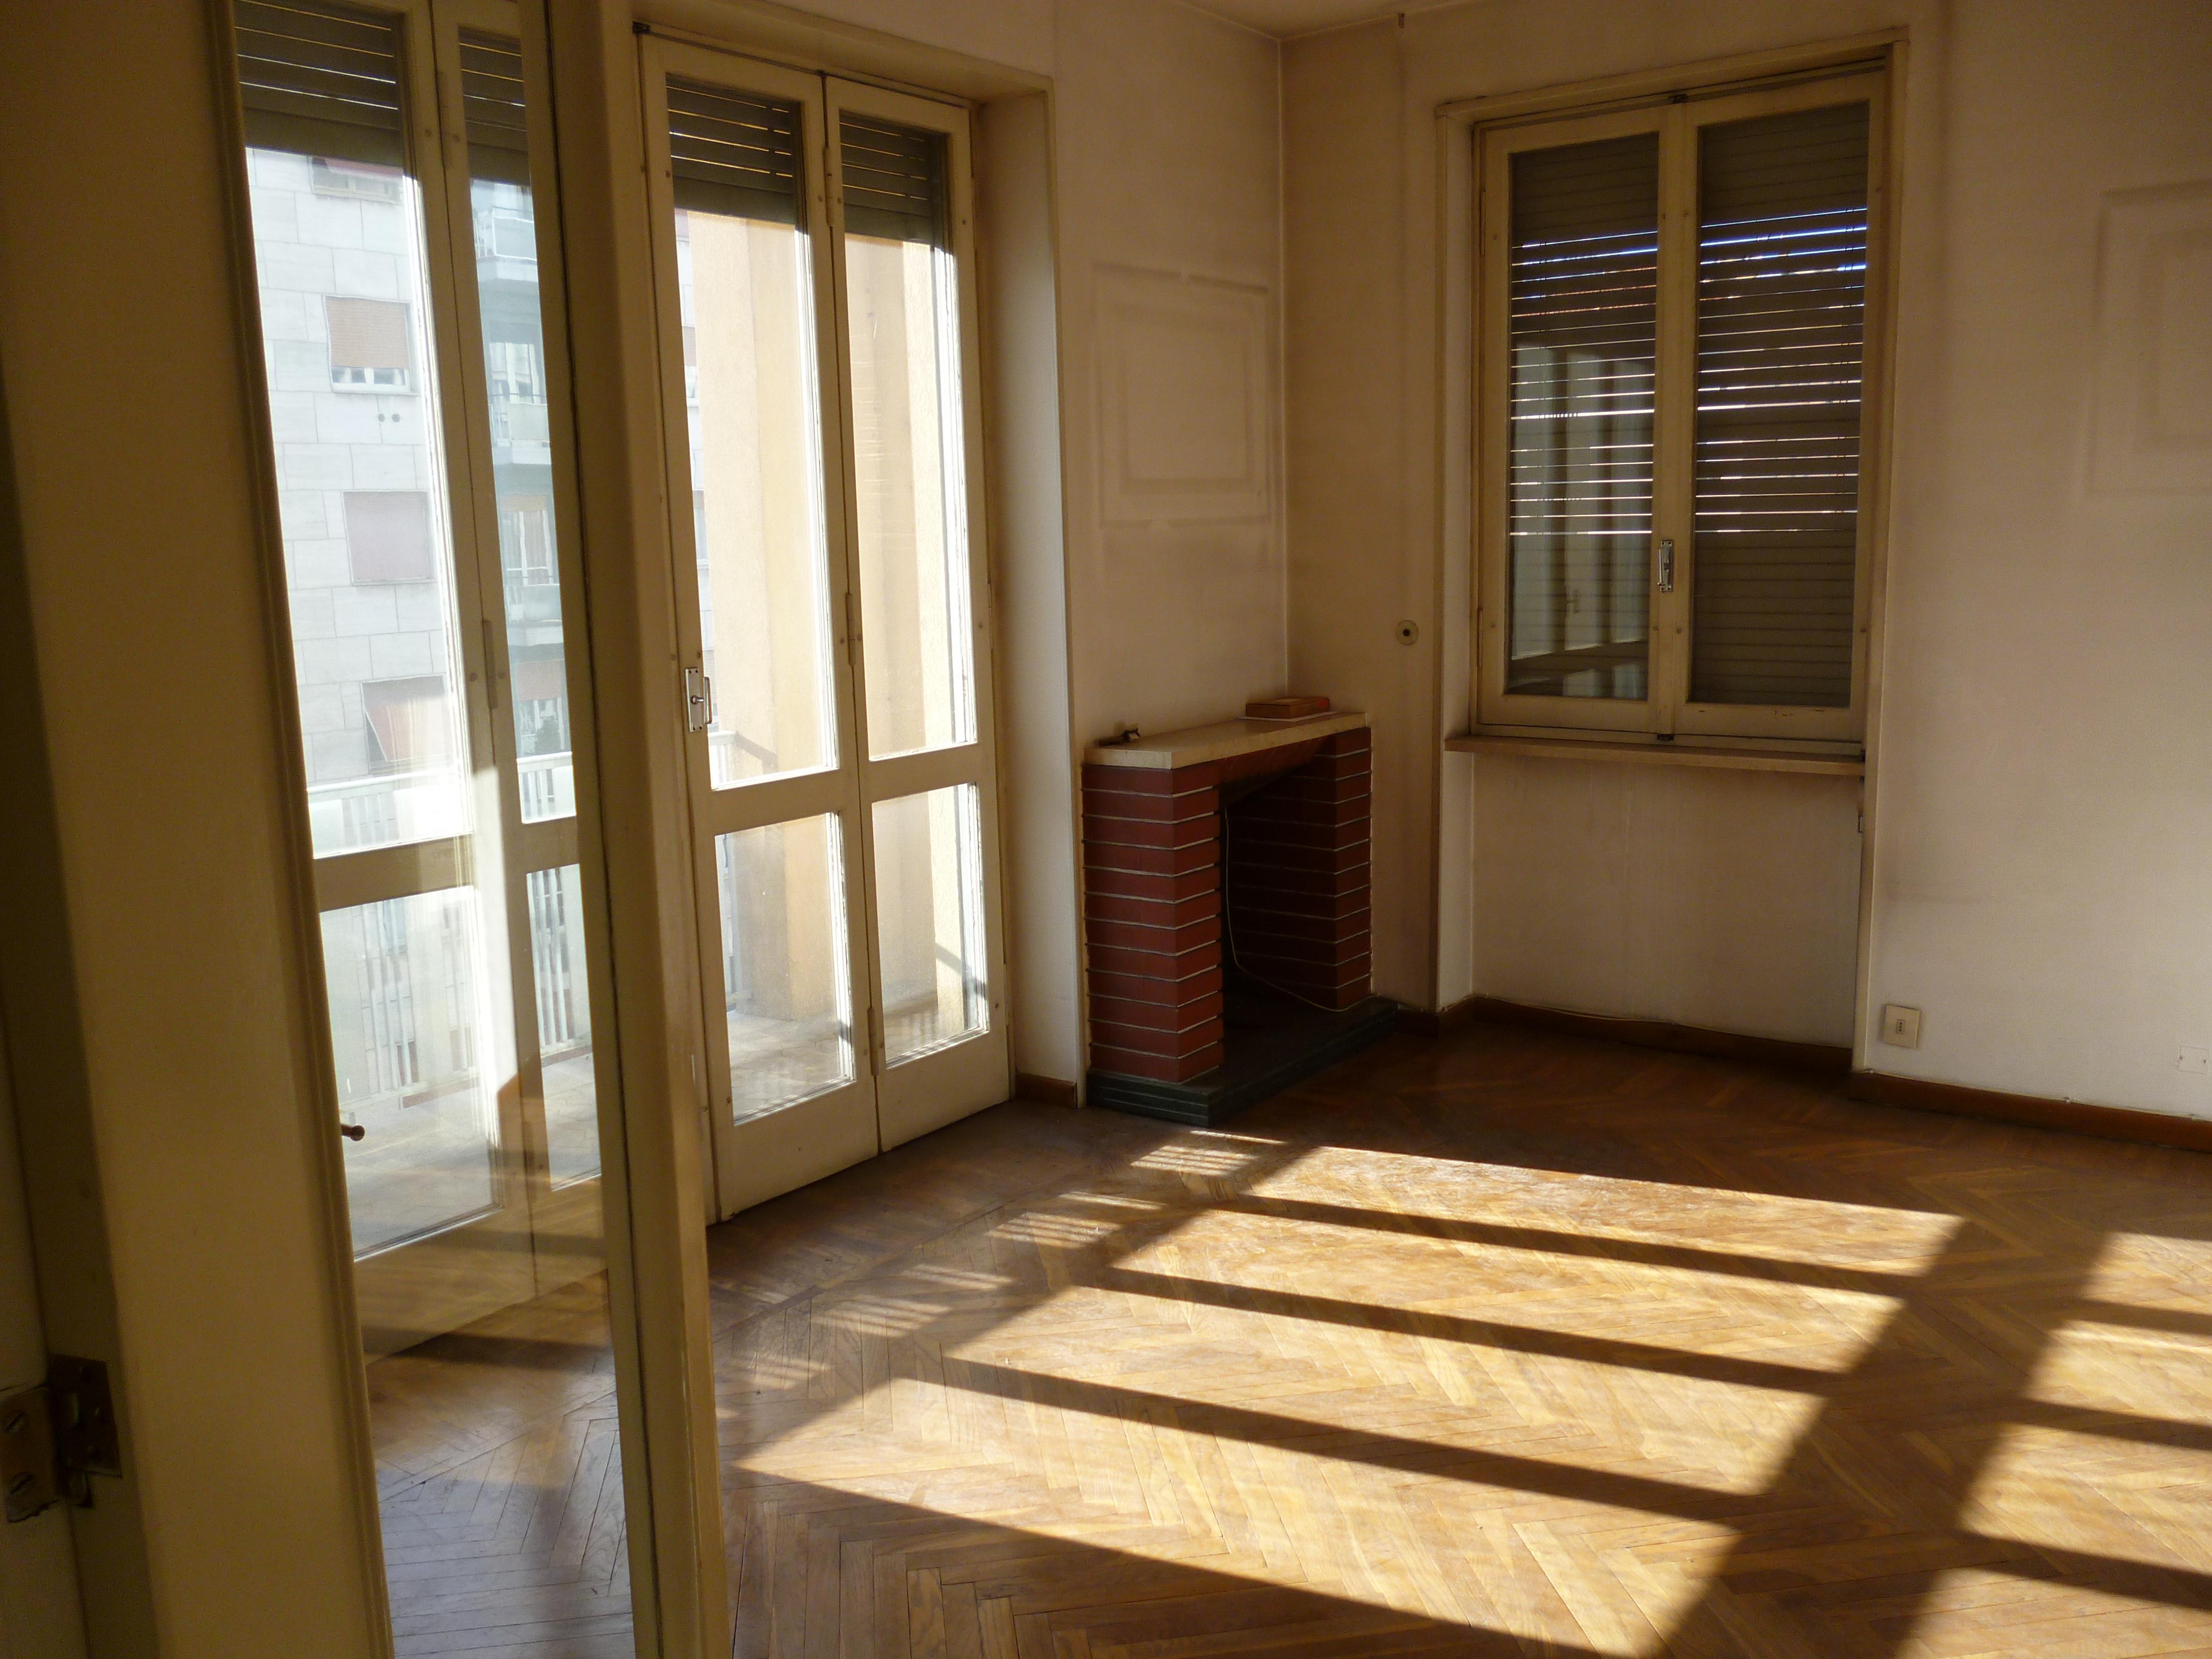 Ristrutturazione totale appartamento.  stefanopezziafornero